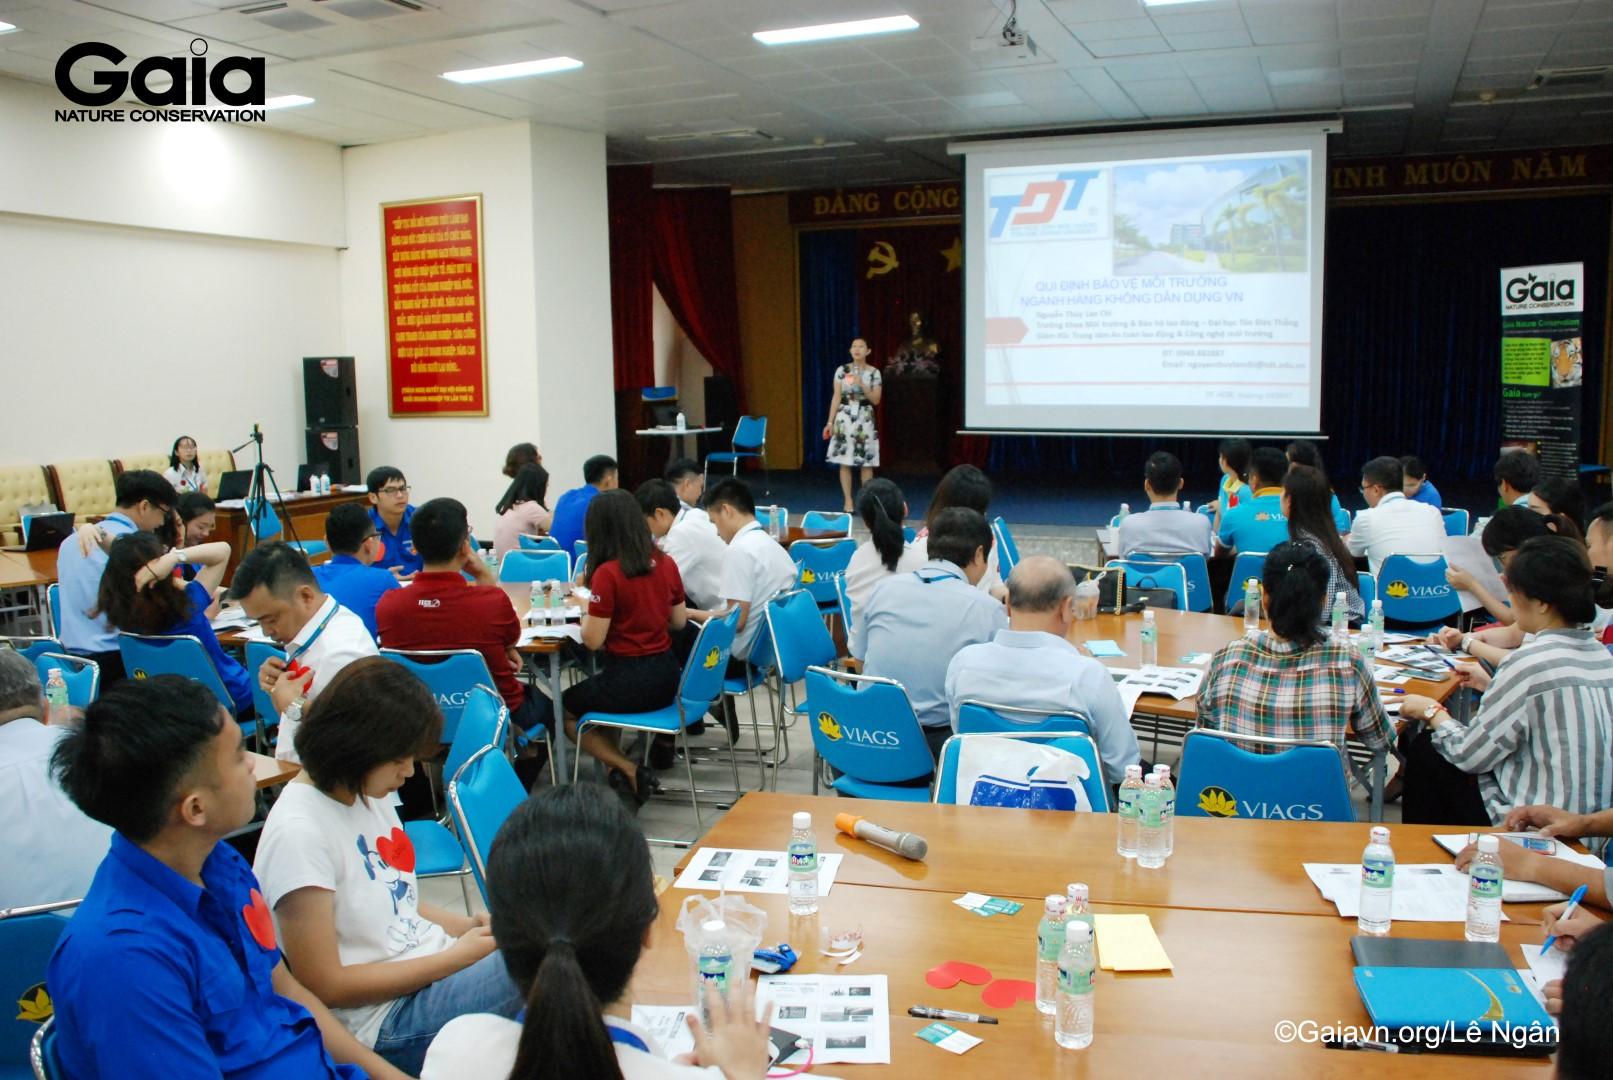 Bà Nguyễn Thúy Lan Chi – Trưởng khoa Môi trường và Bảo hộ lao động Trường Đại học Tôn Đức Thắng phổ biến pháp luật môi trường.